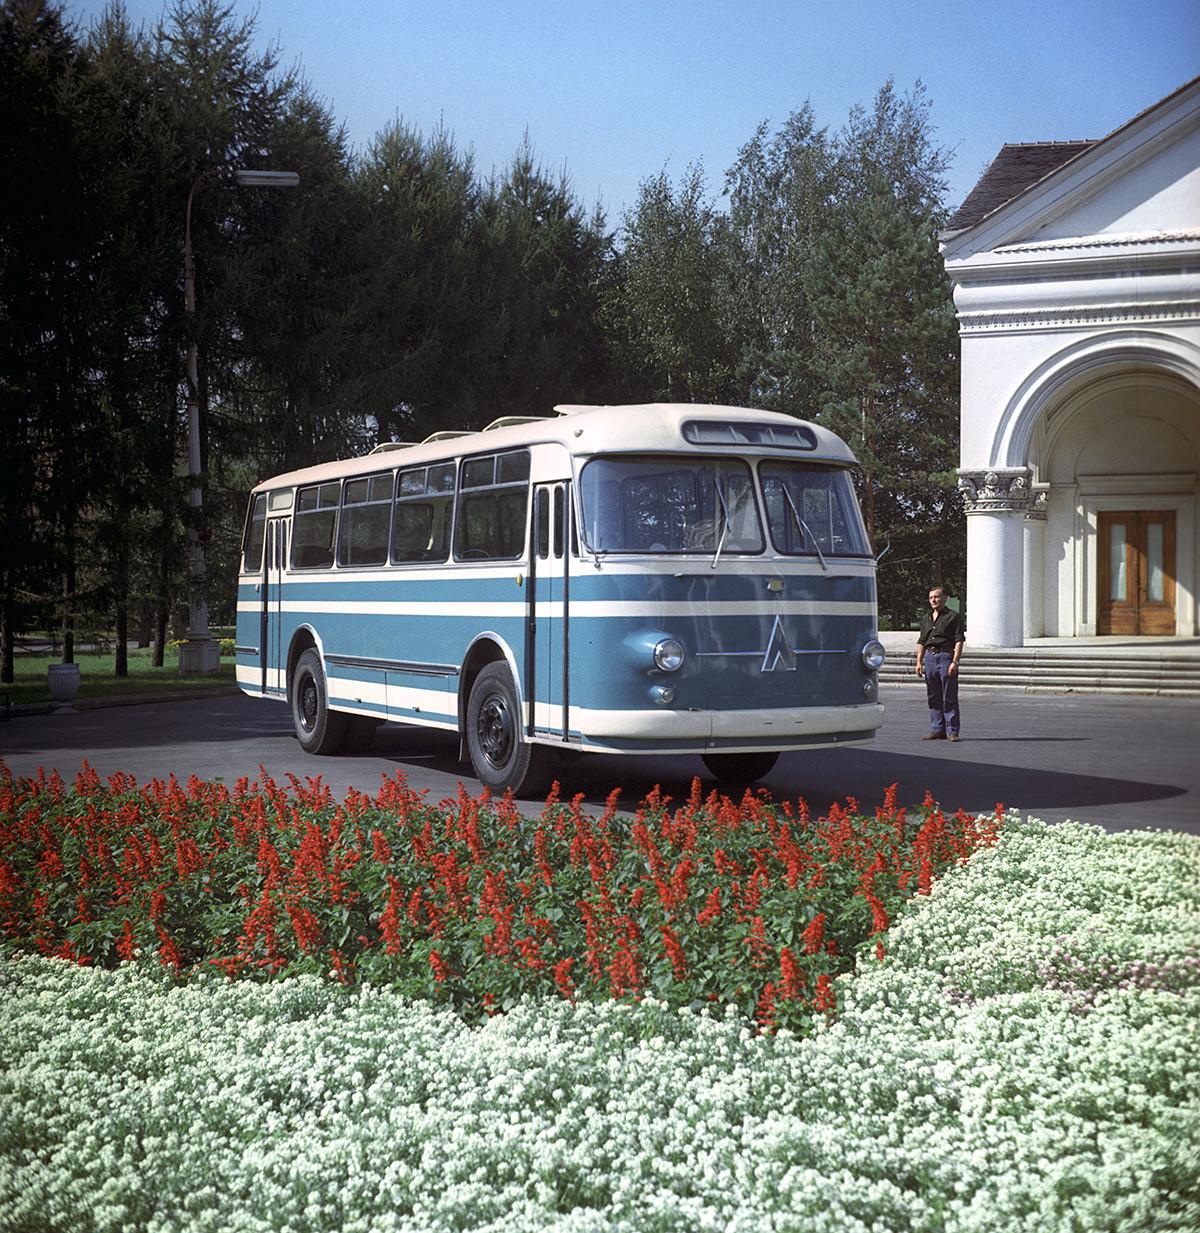 Autobús soviético LAZ-697, fabricado por la fábrica de autobuses Lvov, 1970.